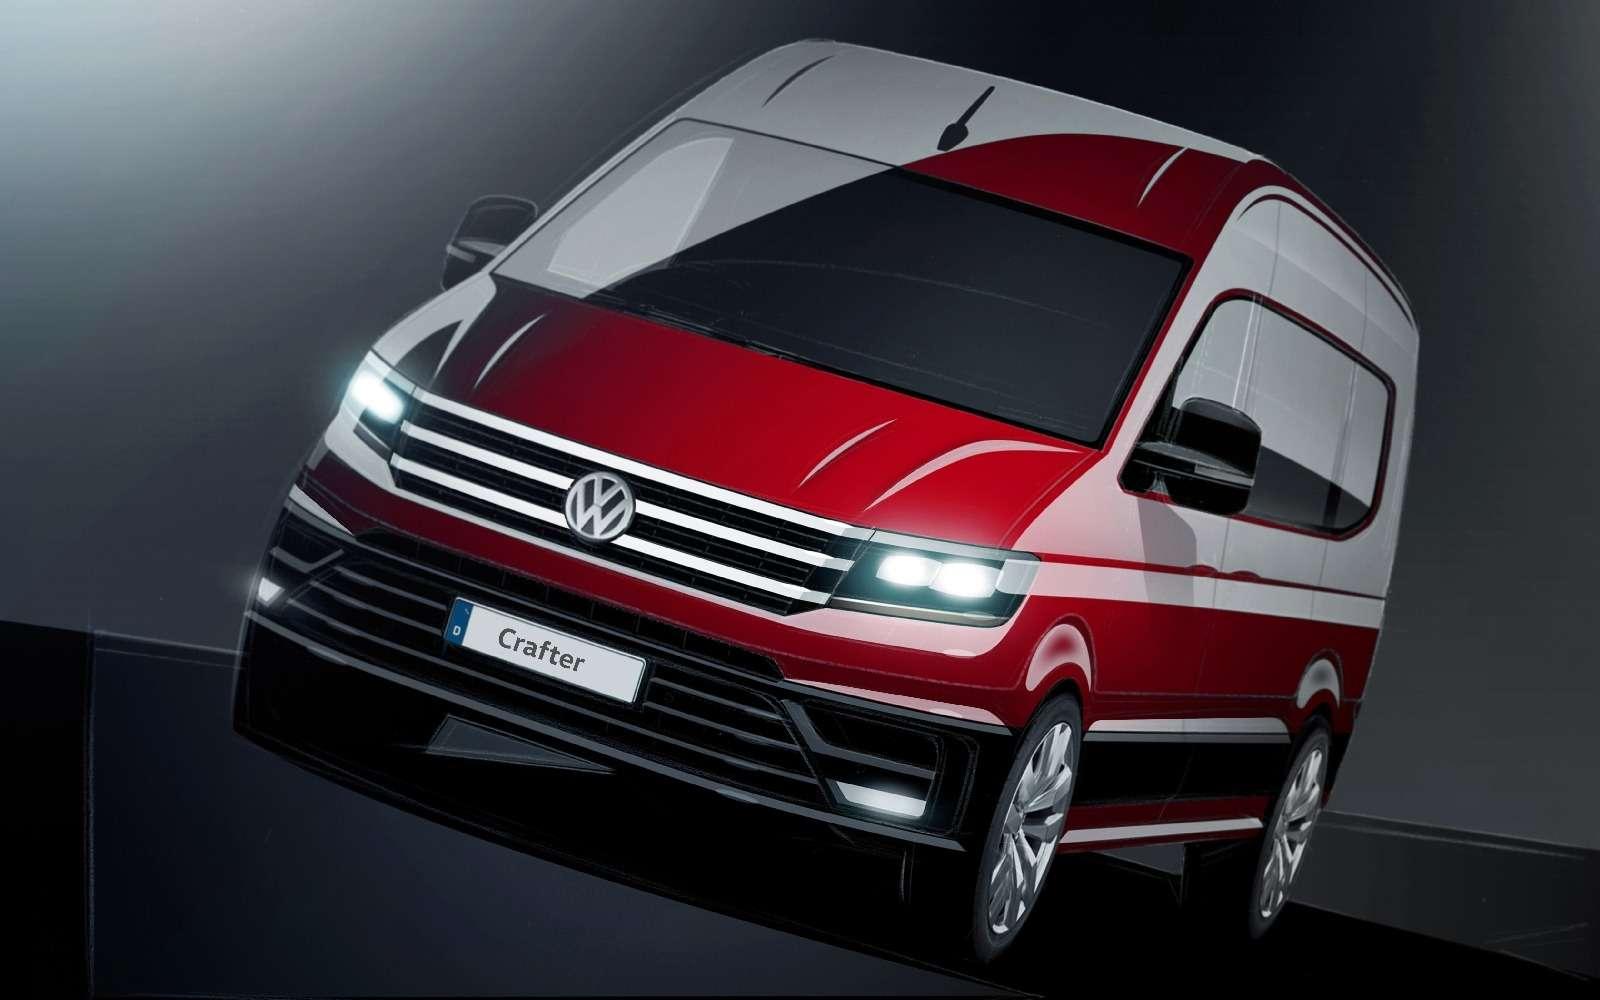 Мультивэном навеяло: новый Volkswagen Crafter дебютирует осенью— фото 604719